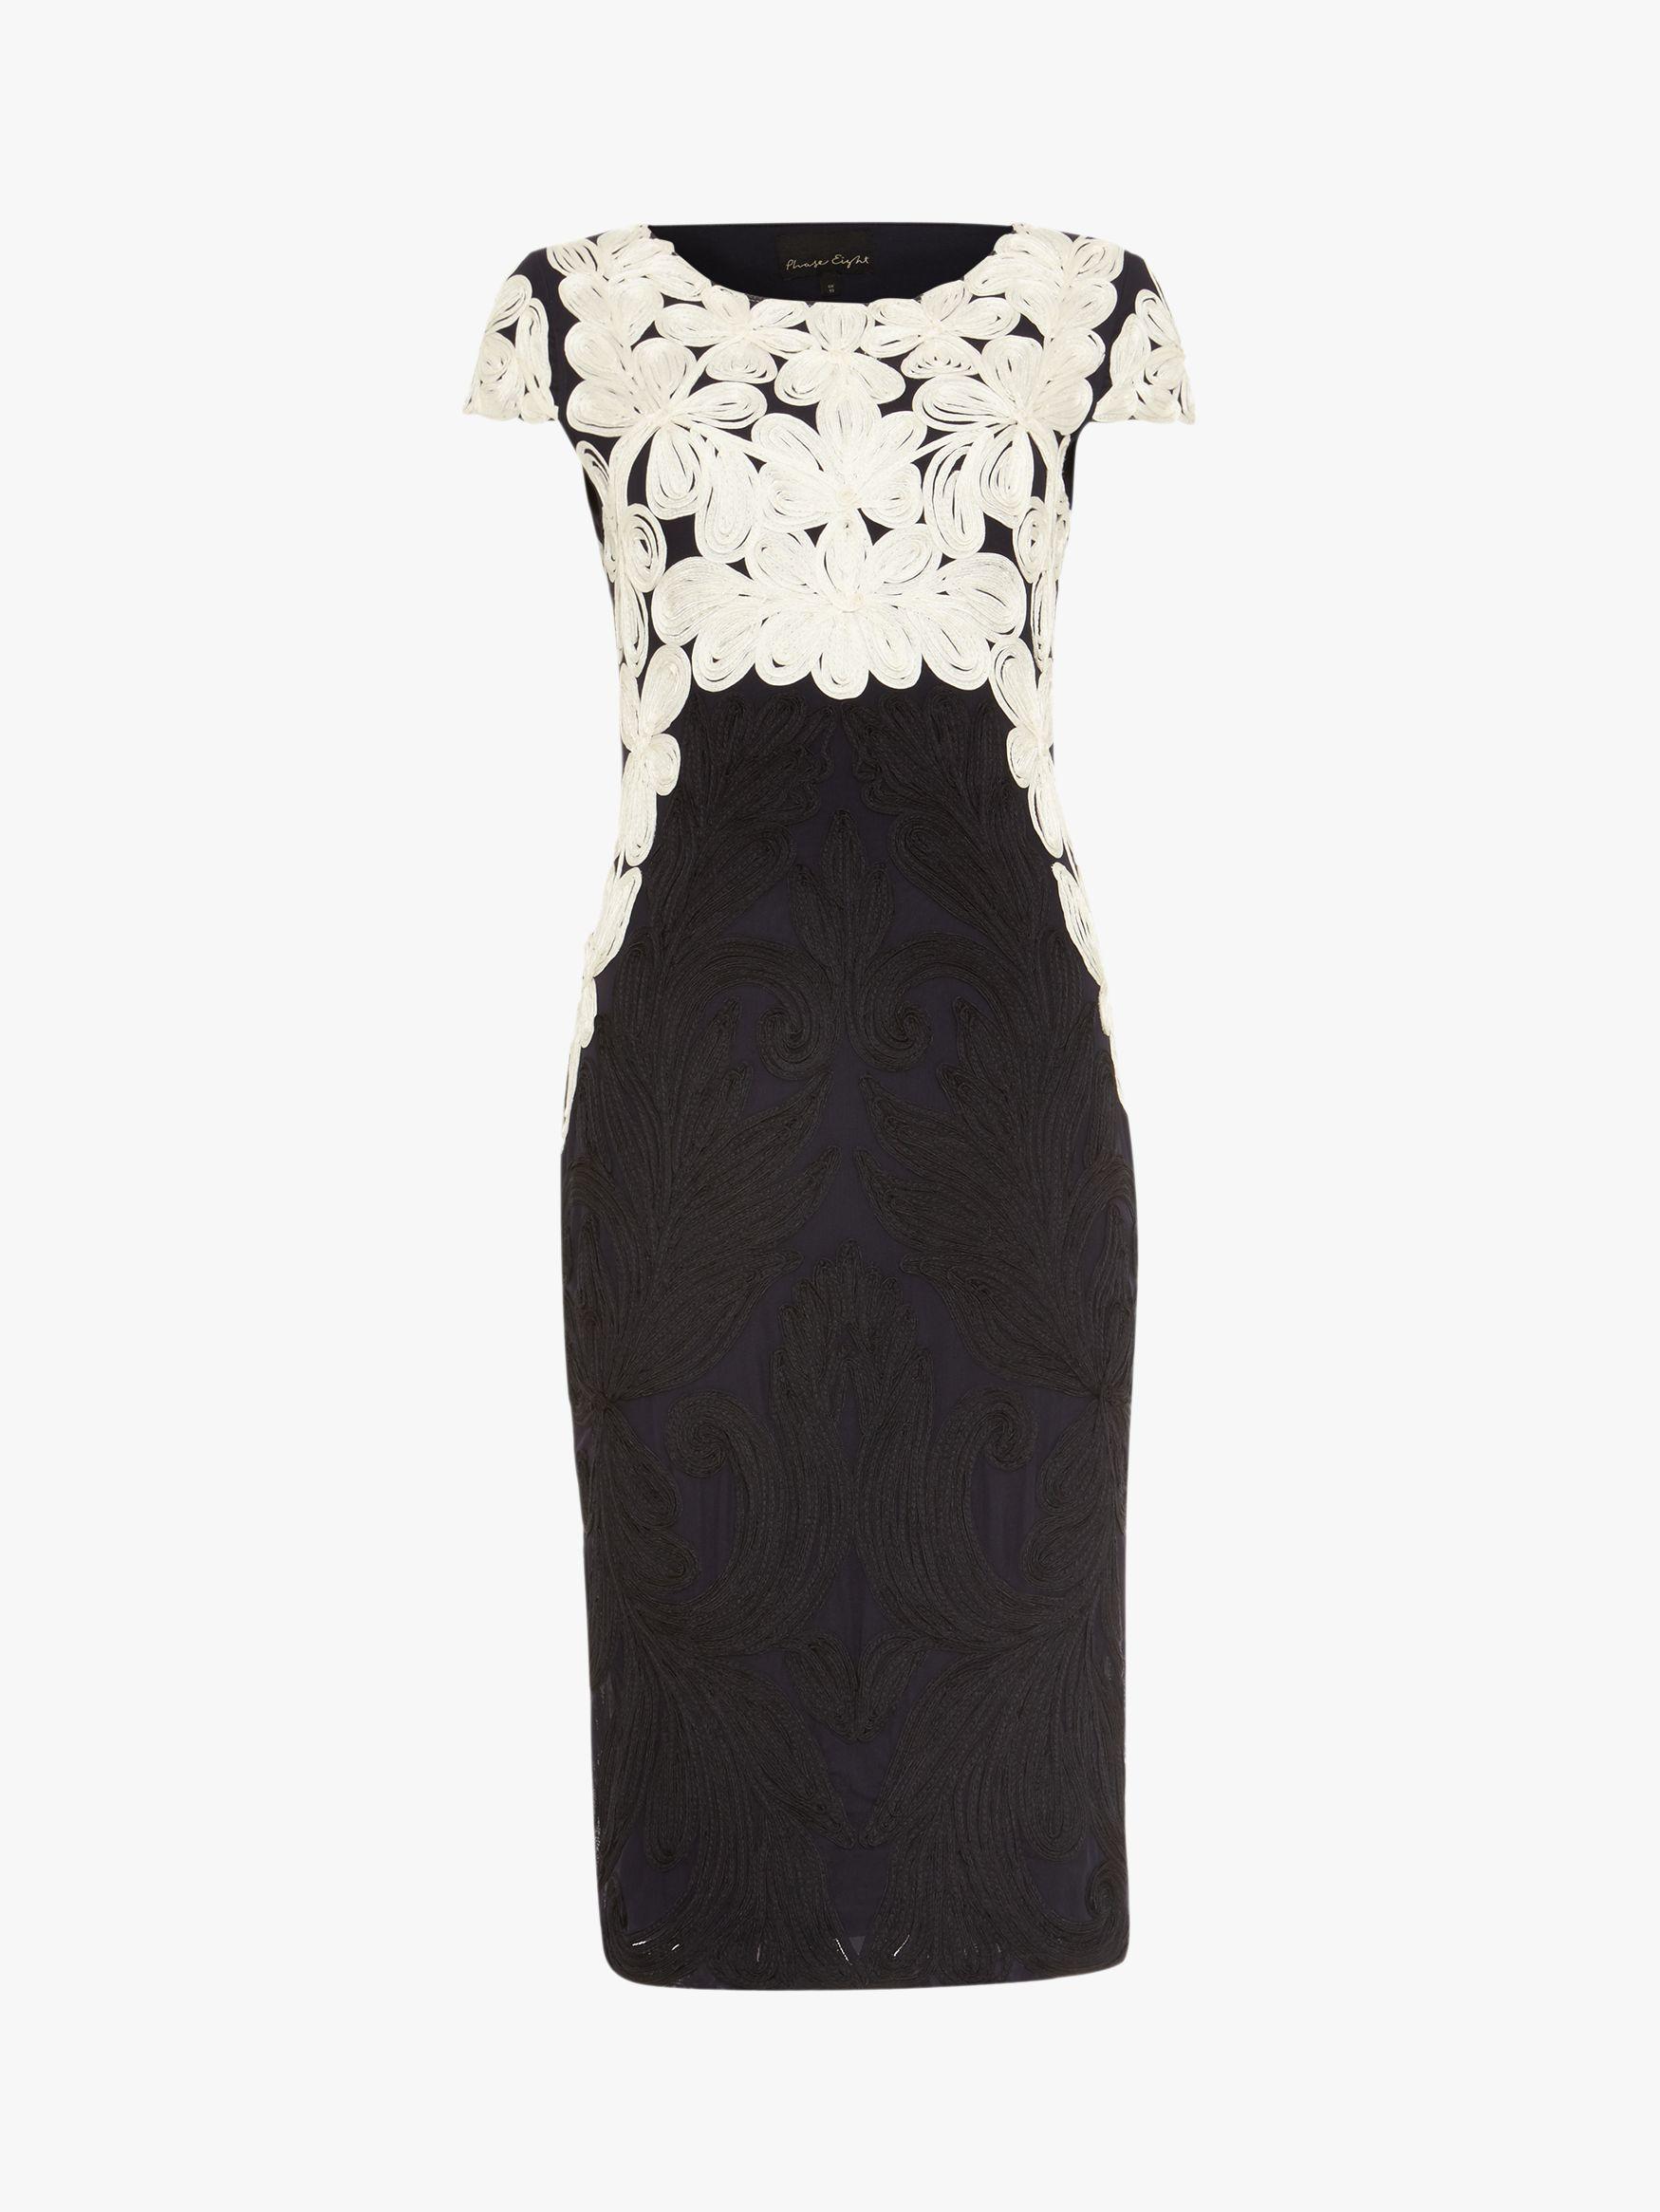 Phase Eight Catheleen Tapework Dress, Navy/Ivory